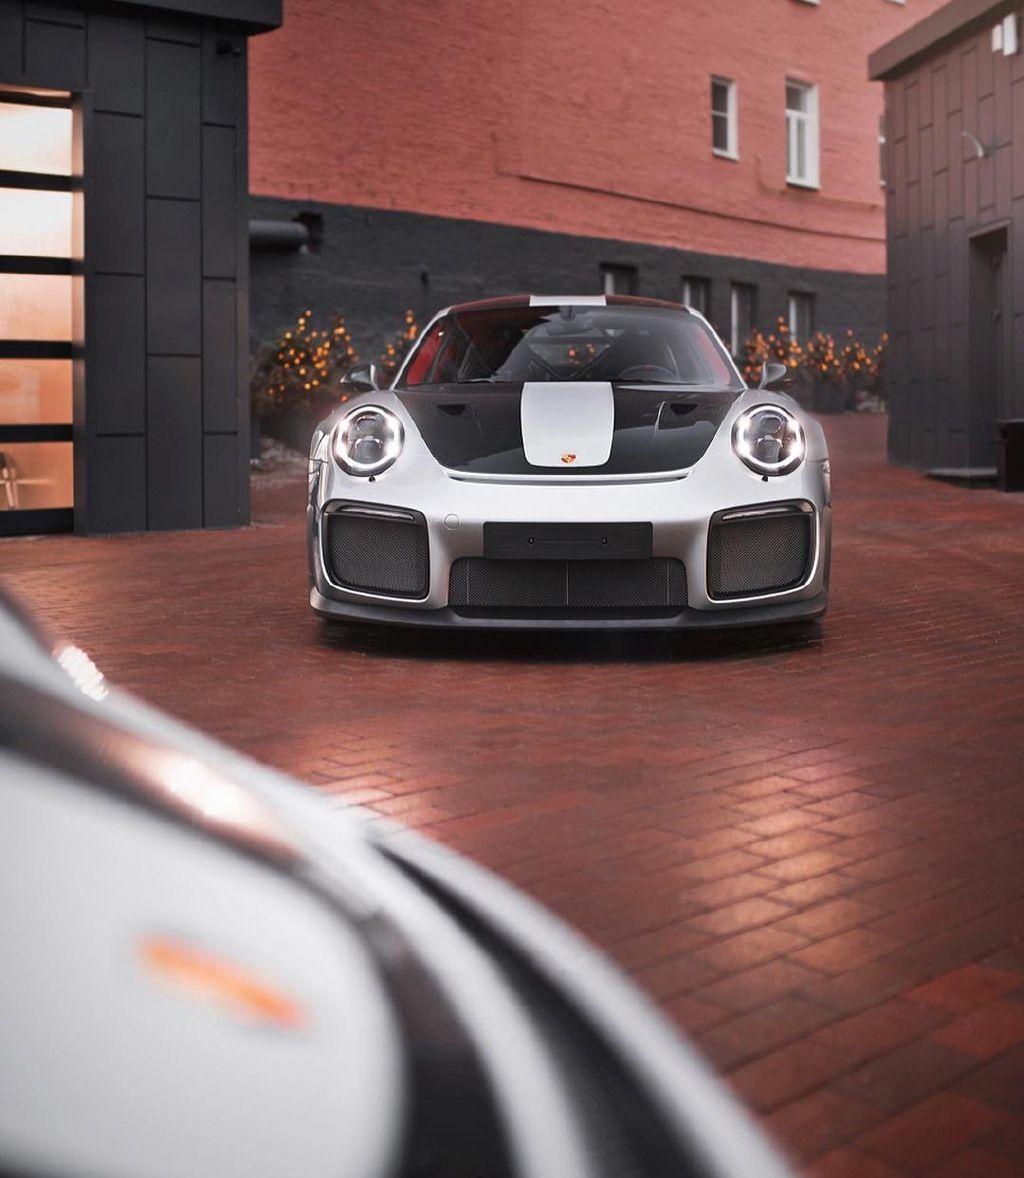 保时捷911 GT2 RS,最大马力700匹,2.8秒破百,你喜欢吗?